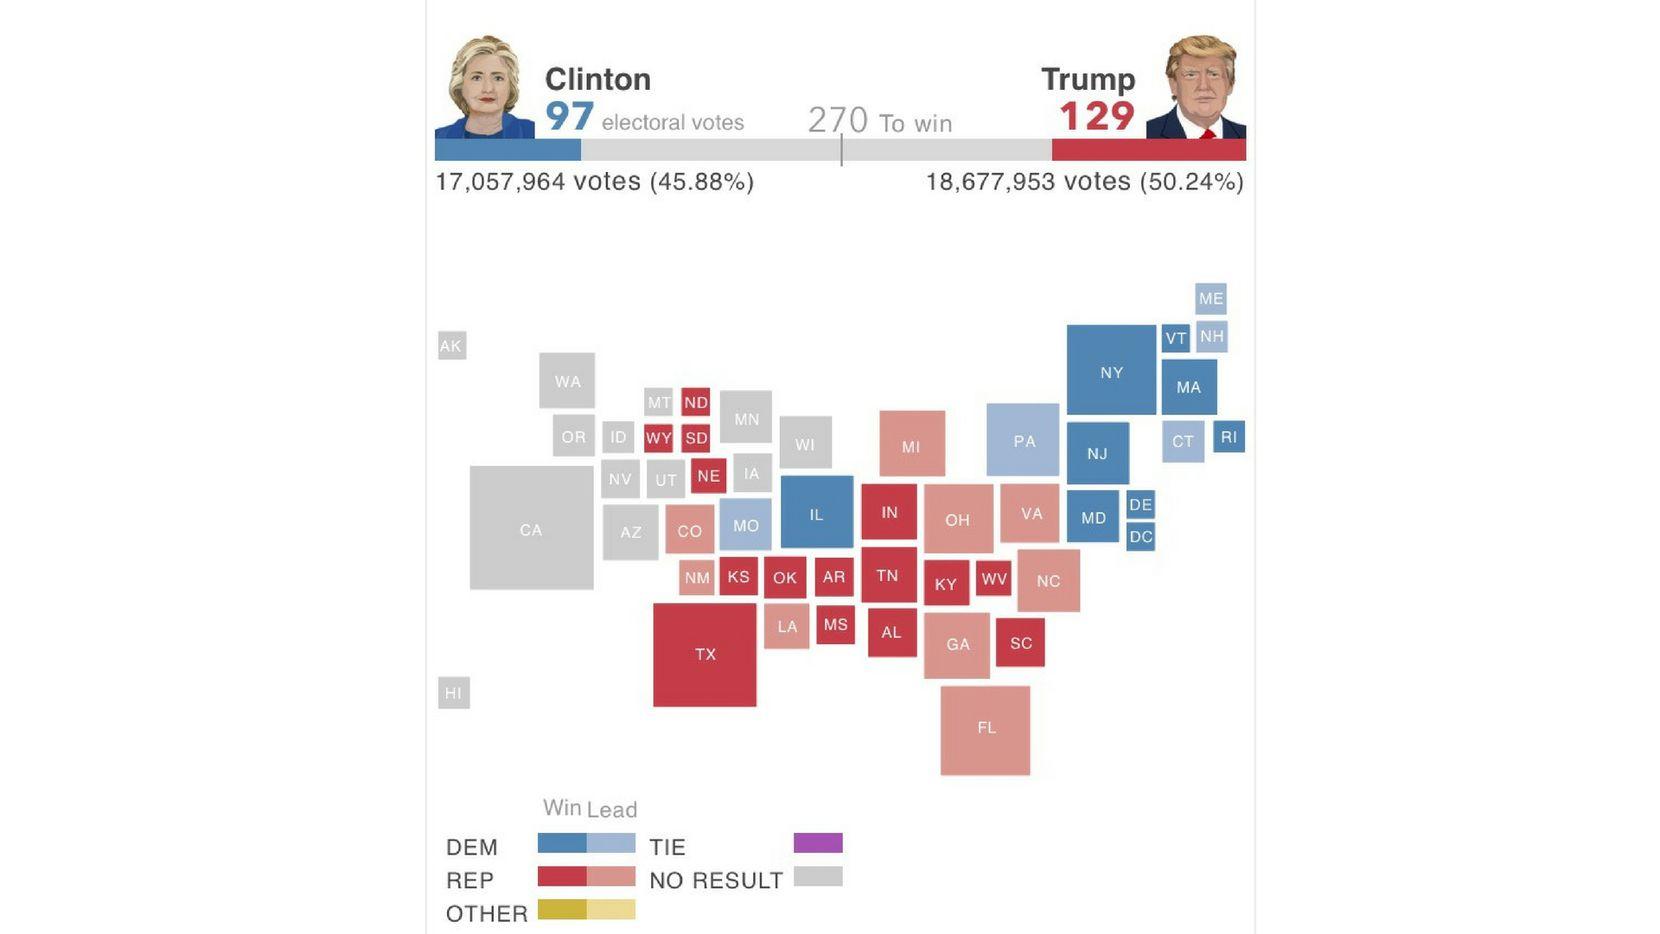 Revisa el desarrollo de los votos a lo largo de Estados Unidos el día de las elecciones./